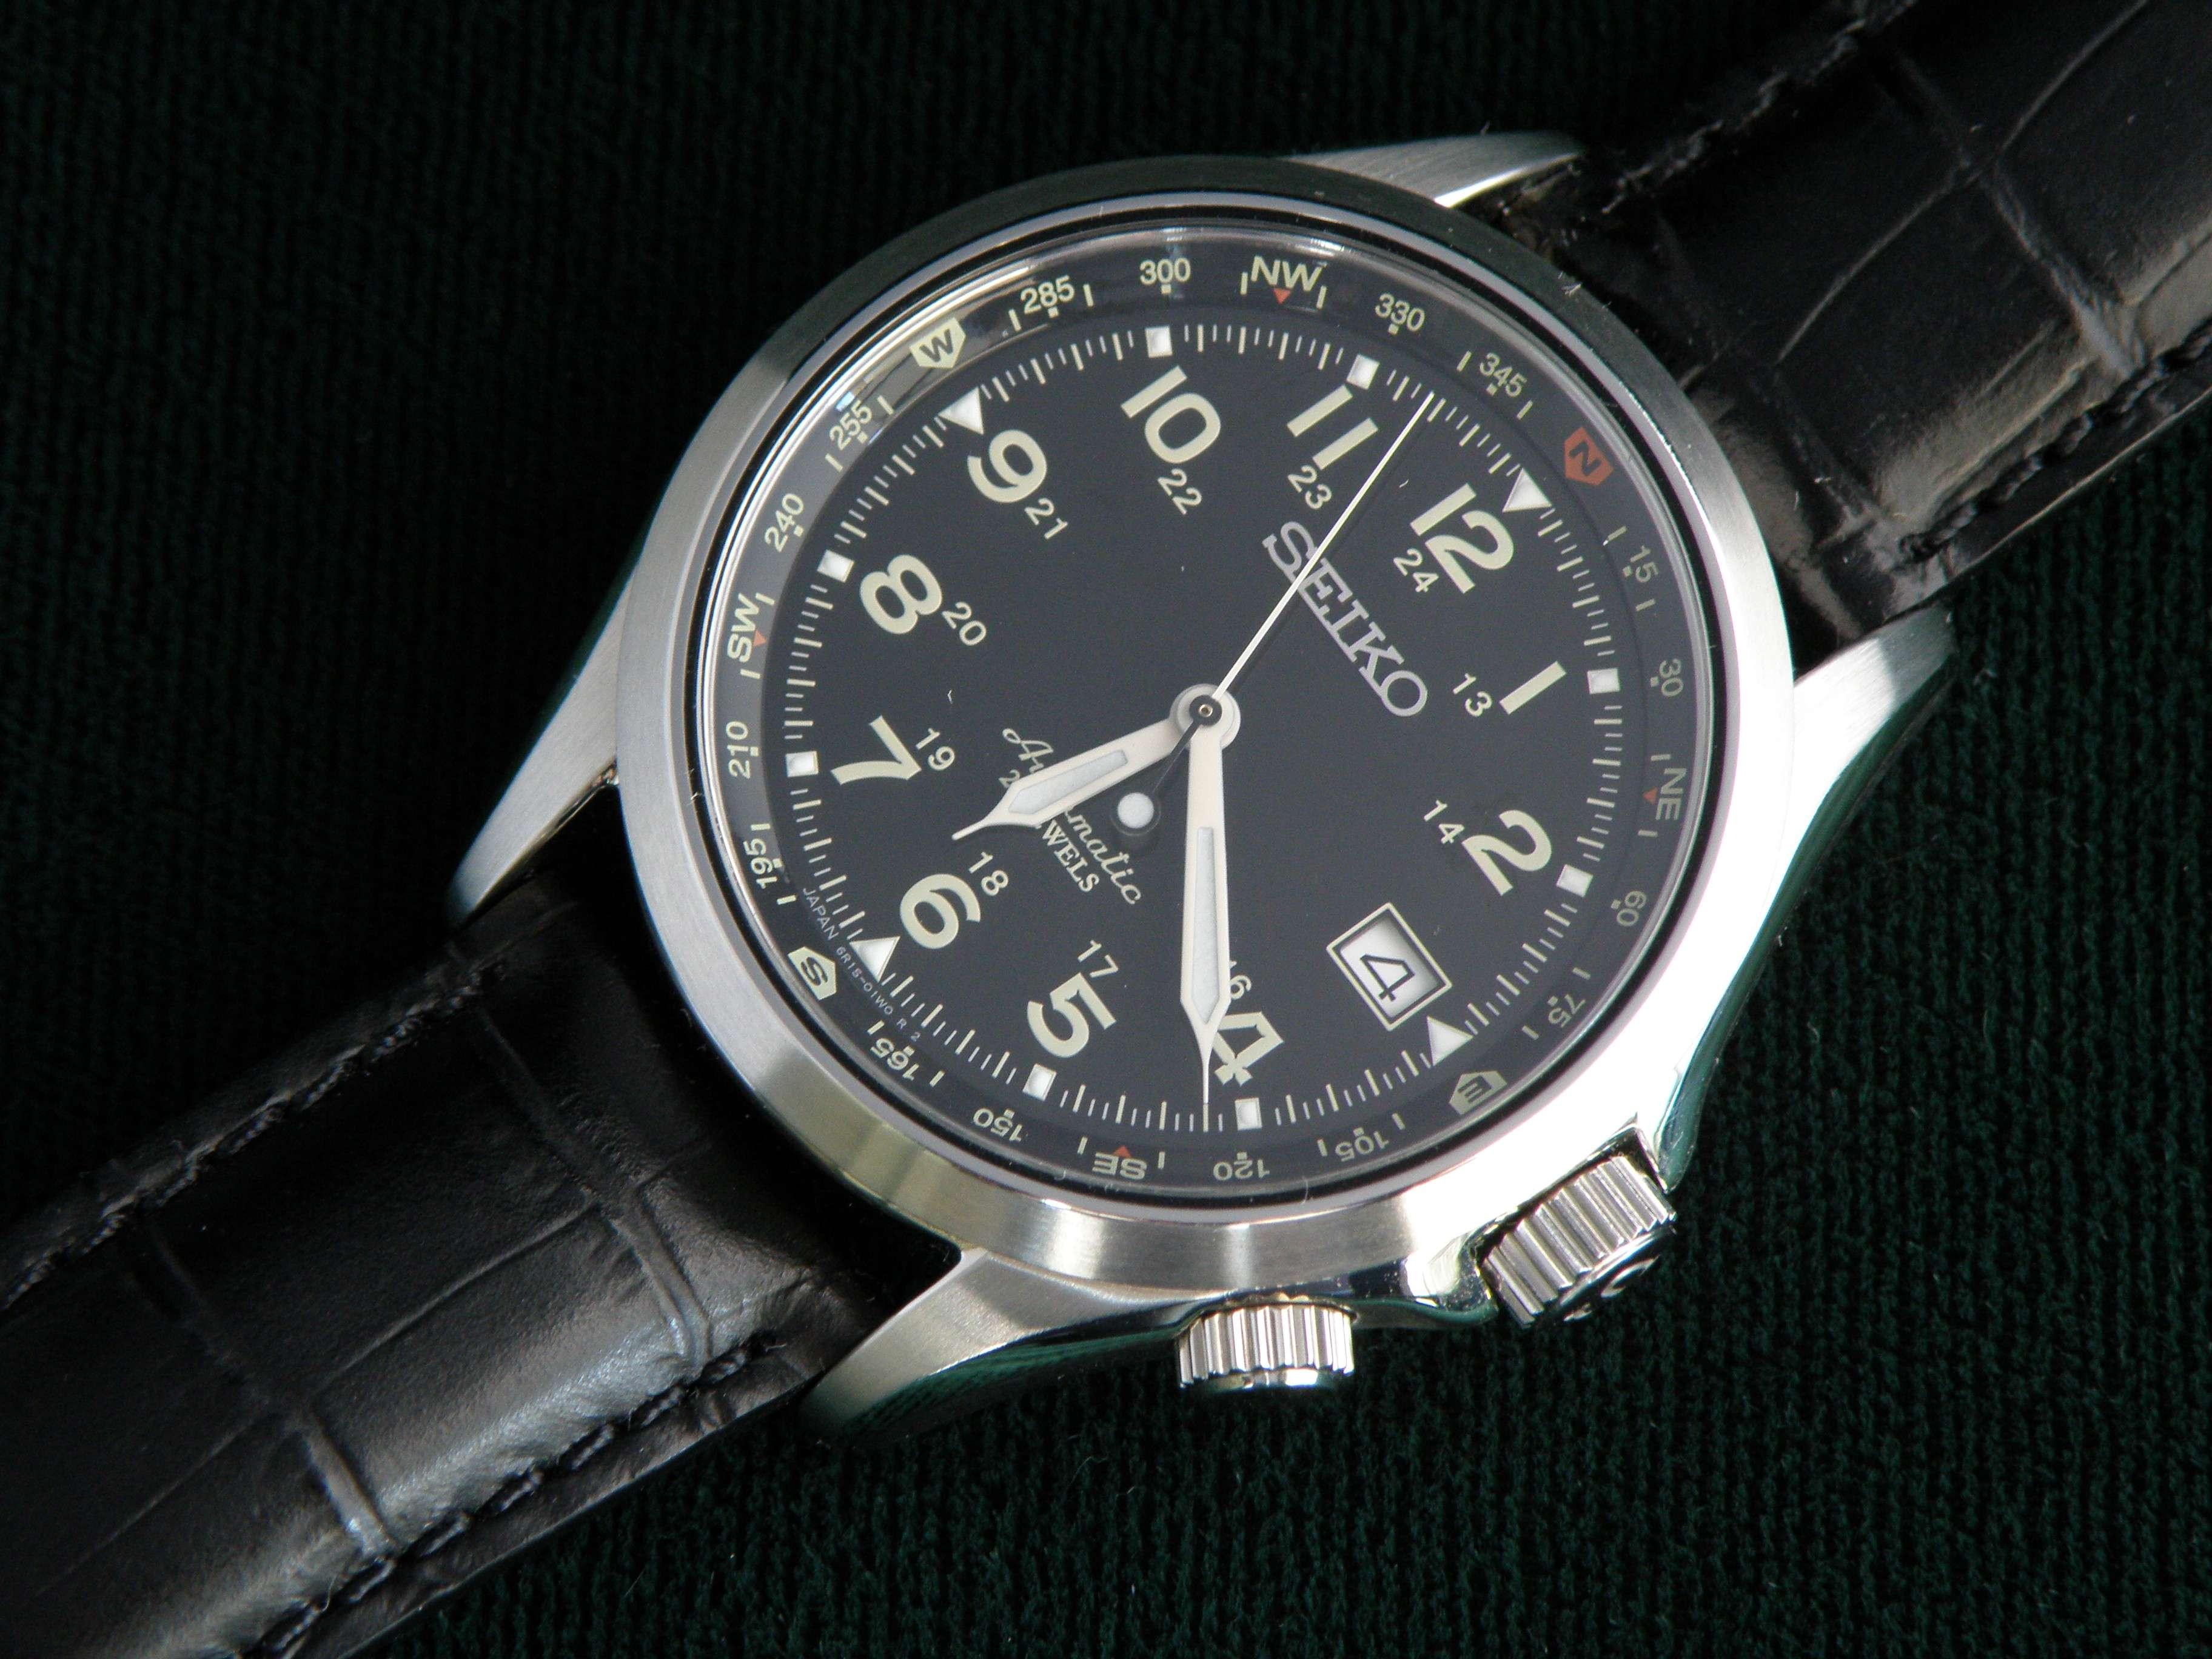 e4645efc9fb8 Poljot Okeah Última Edición  Este reloj también es de todos conocidos ya  que se realizó en el foro Hablemos de Relojes como última edición de este  modelo ...